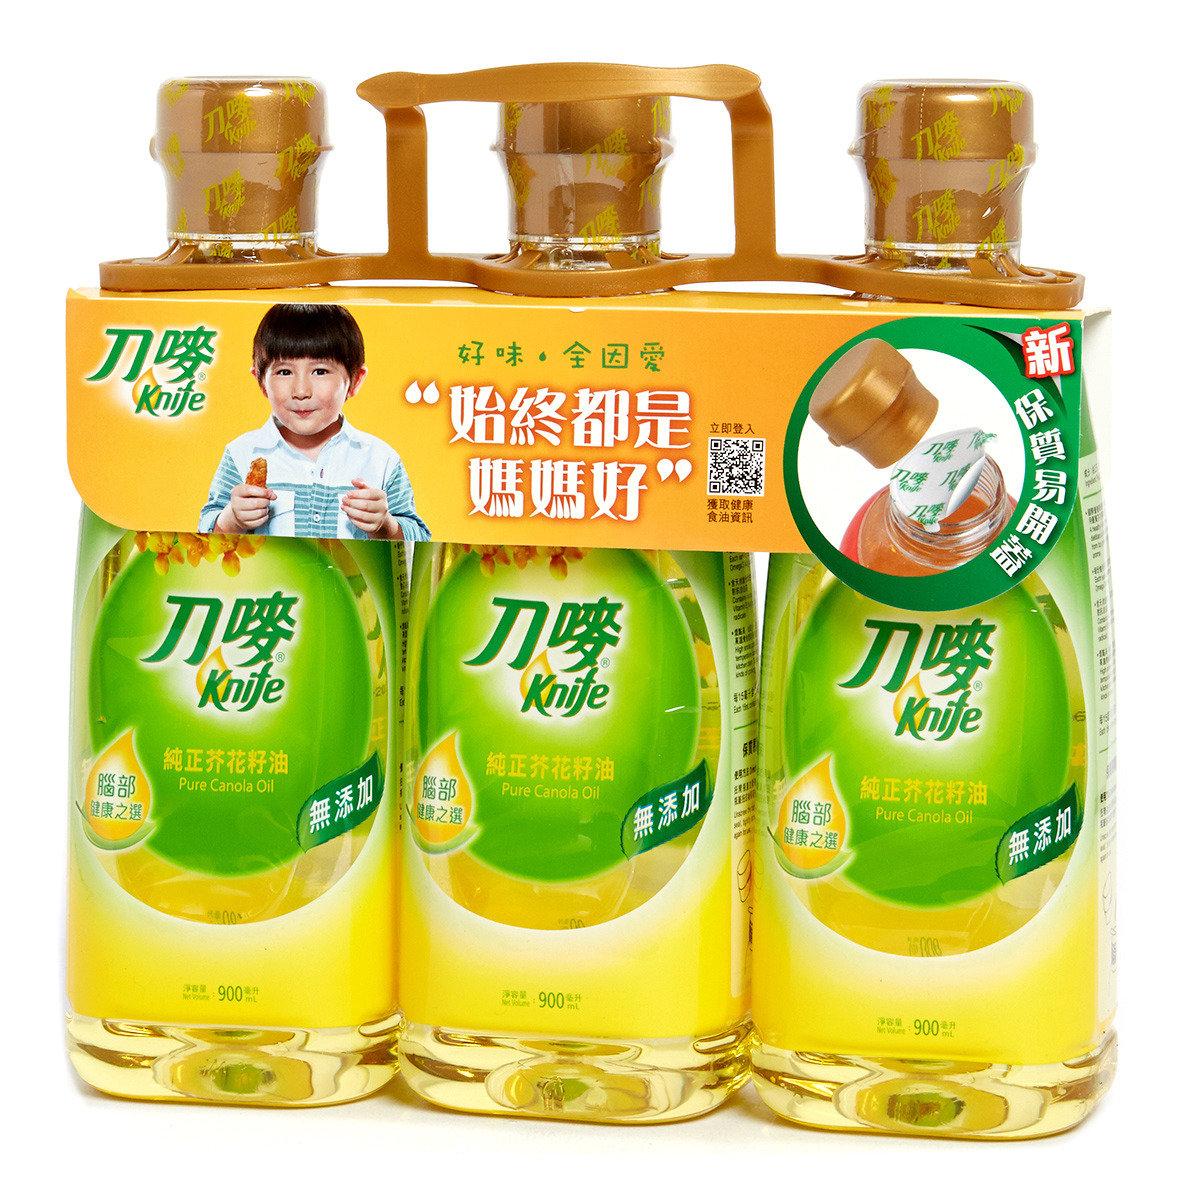 純正芥花籽油